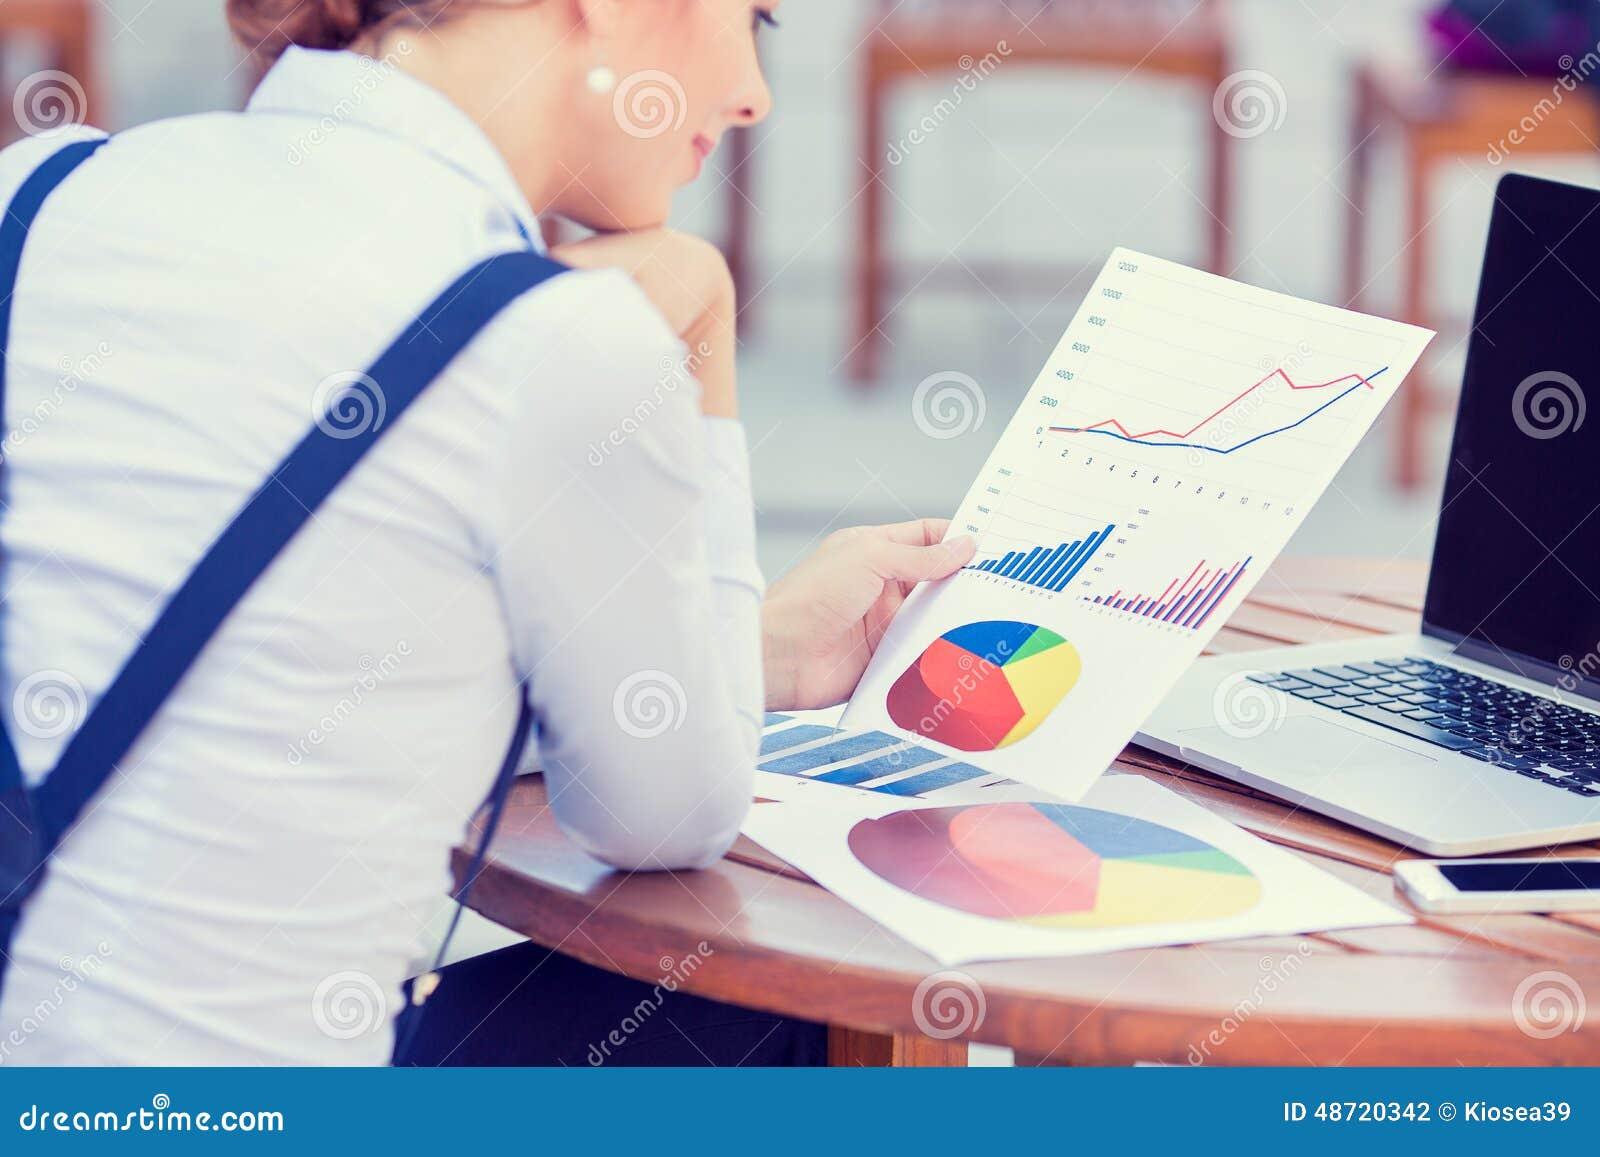 Consultor de inversión que analiza informe financiero anual de la compañía